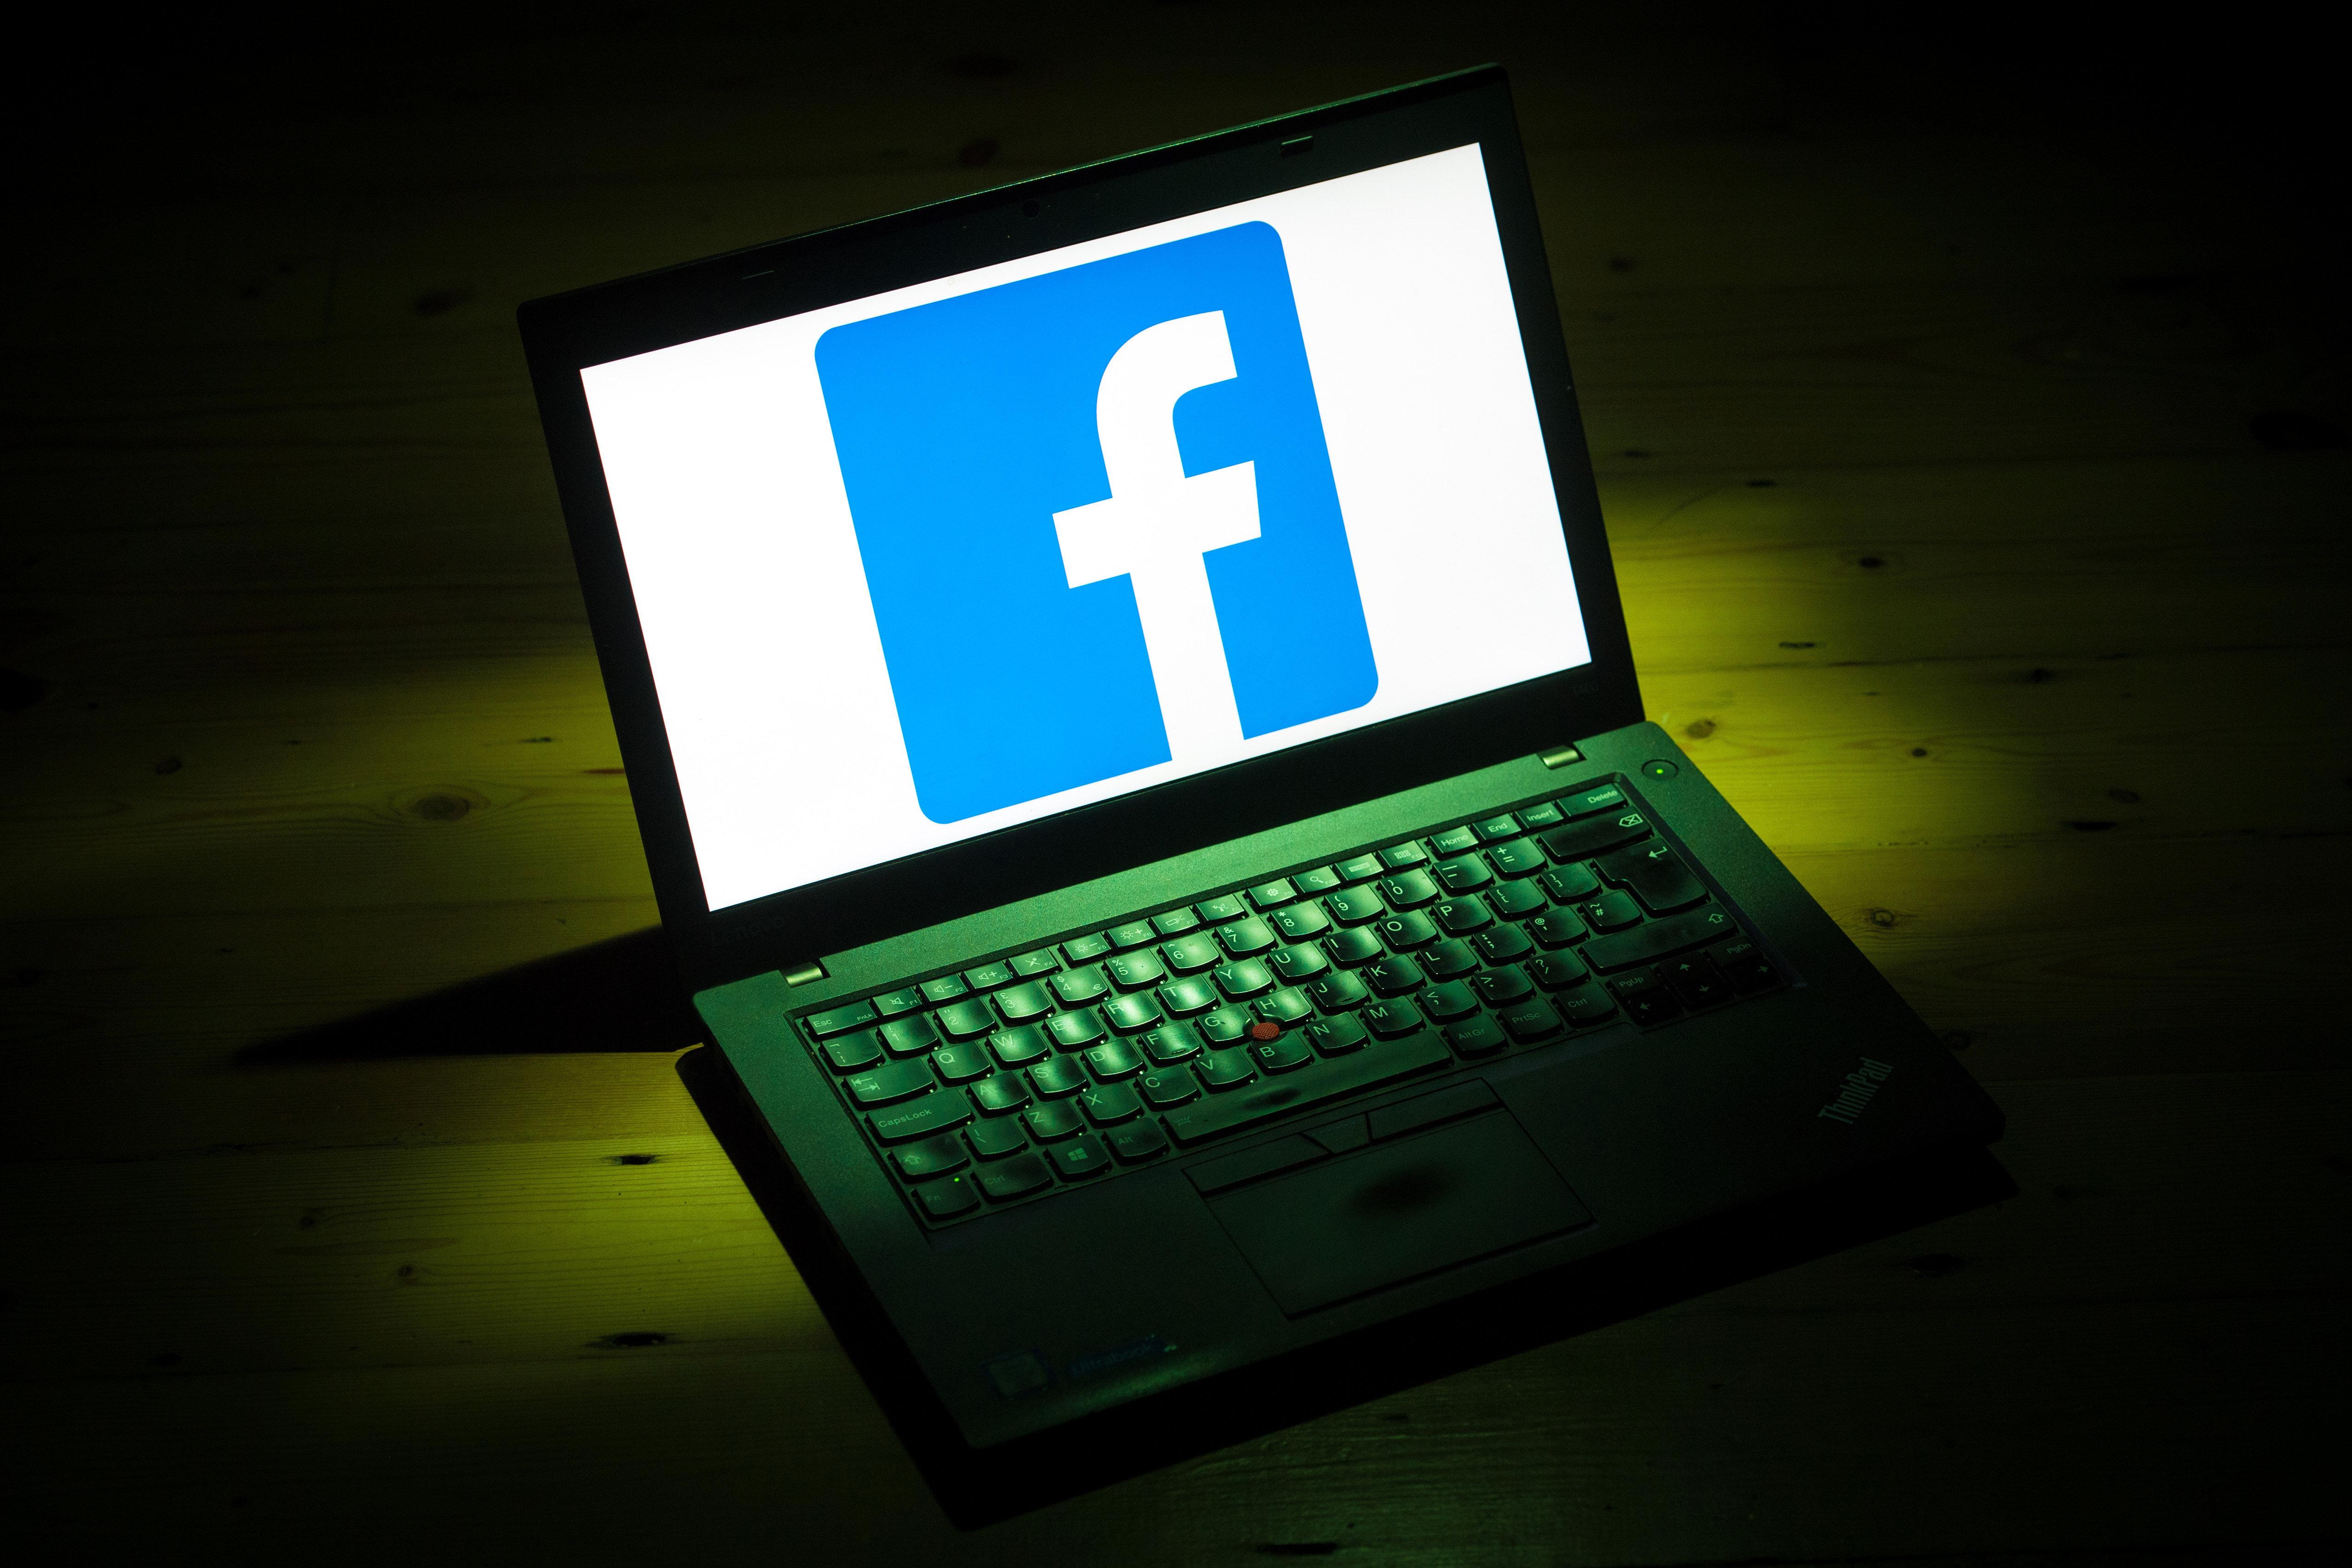 사람이 죽는다 해도 페이스북의 성장을 지켜야 한다는 내부 문서가